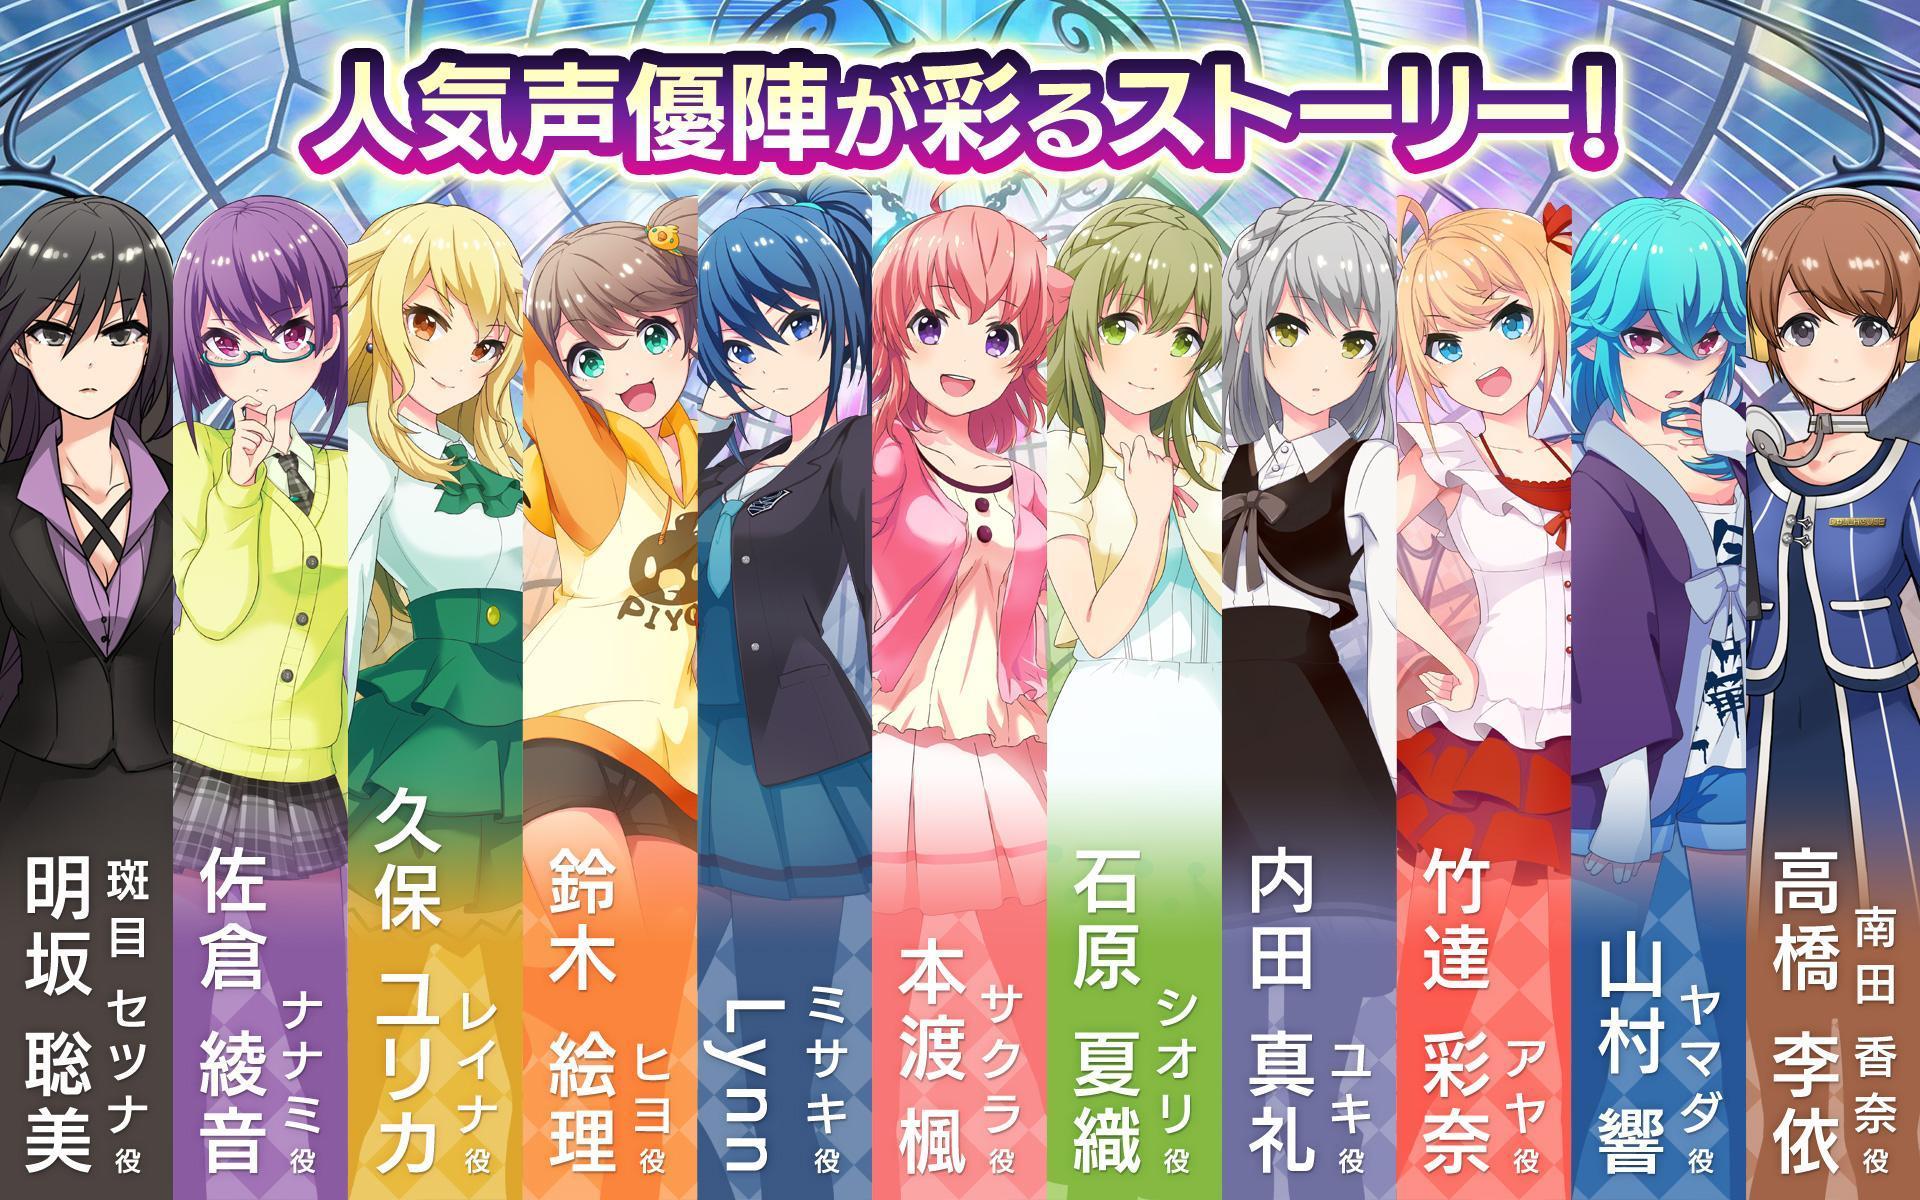 プロジェクト東京ドールズ :美少女タップアクションRPG 4.1.0 Screenshot 5